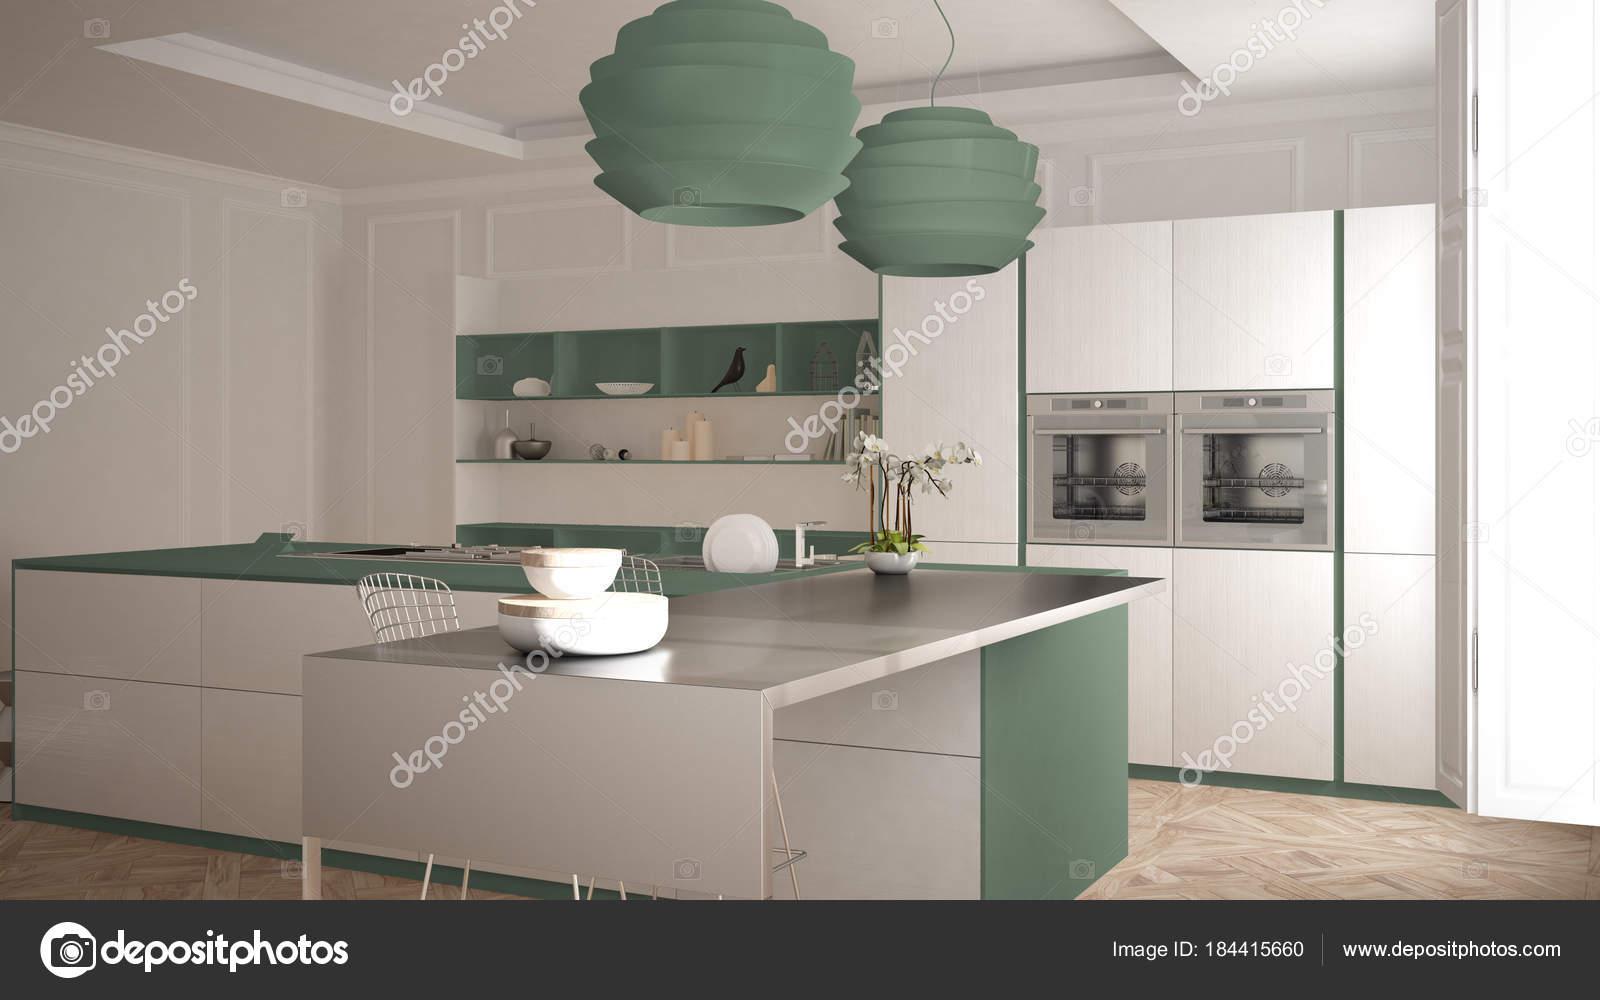 Cucina moderna in interni classici isola con sgabelli e due